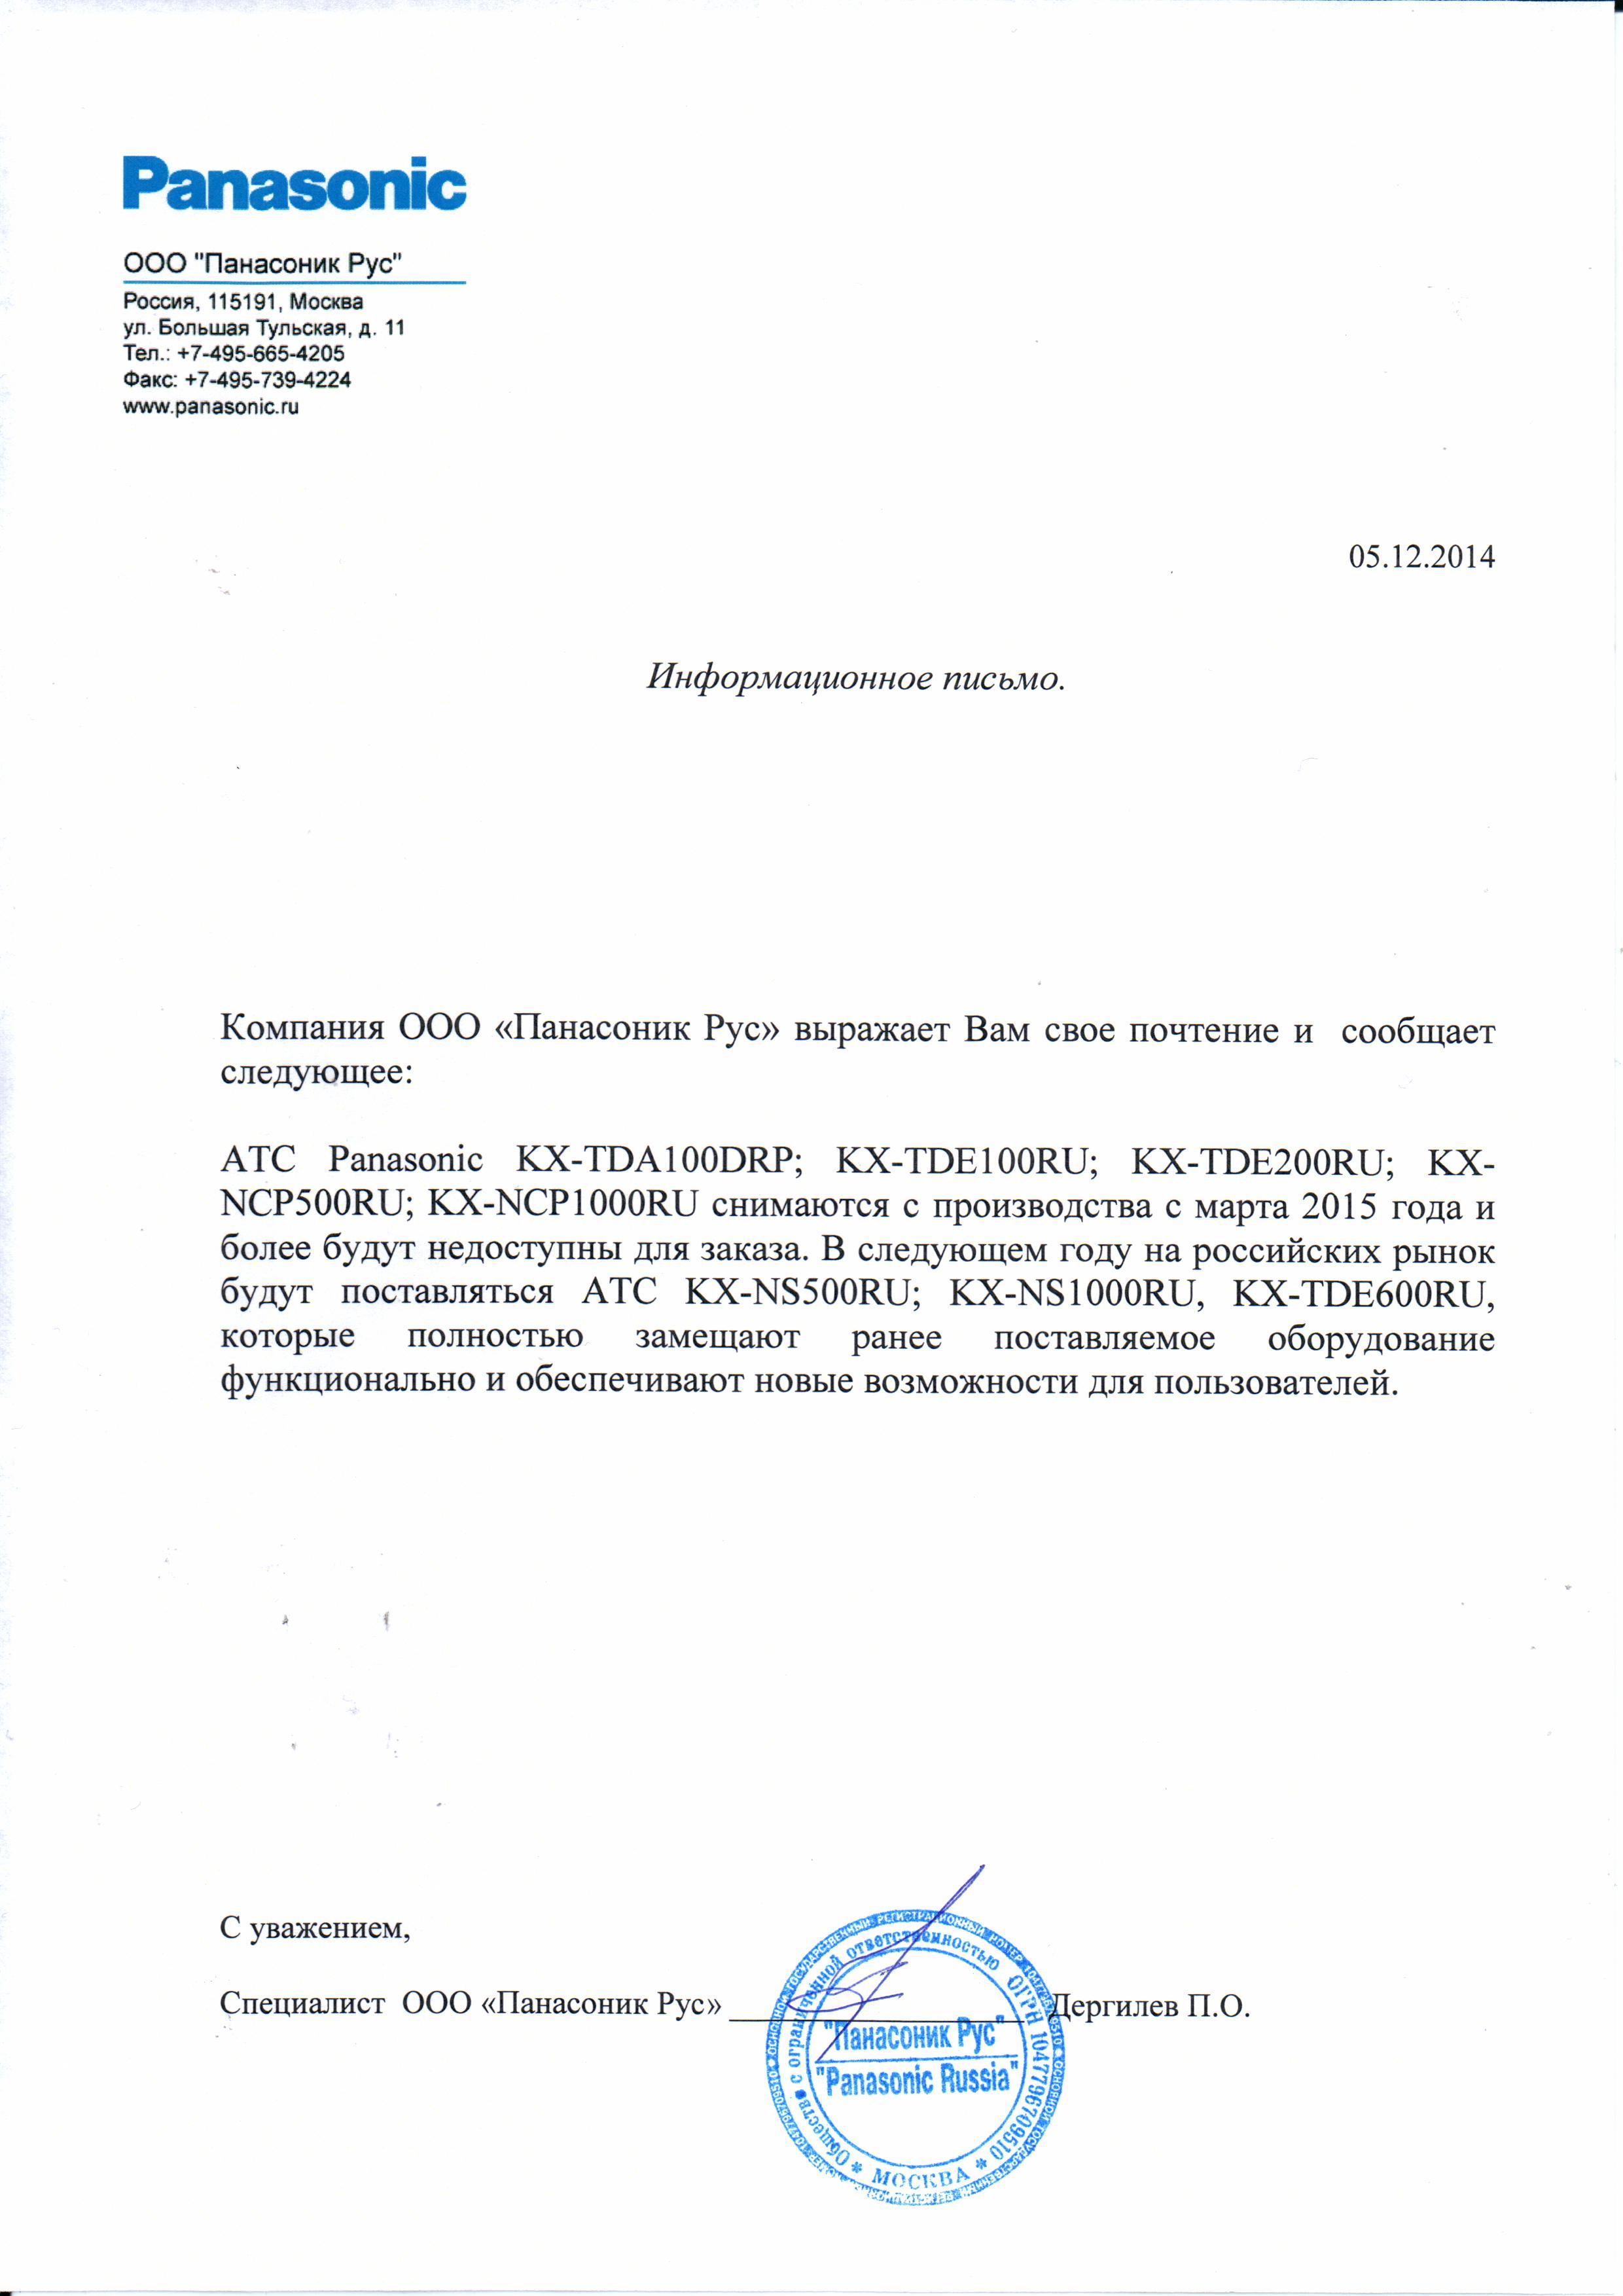 Официальное письмо Panasonic